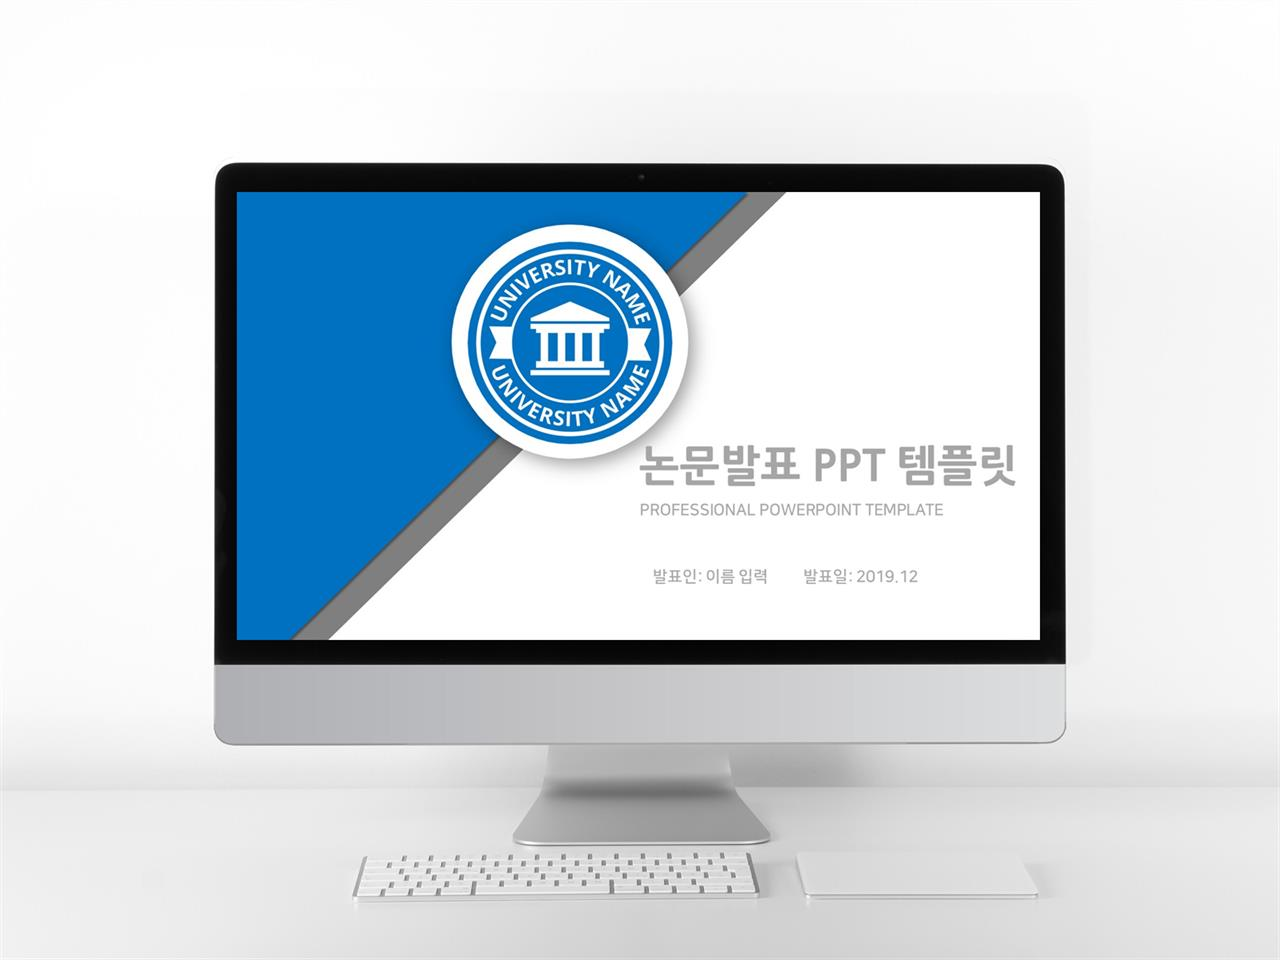 논문발표 남색 단순한 멋진 POWERPOINT탬플릿 다운로드 미리보기